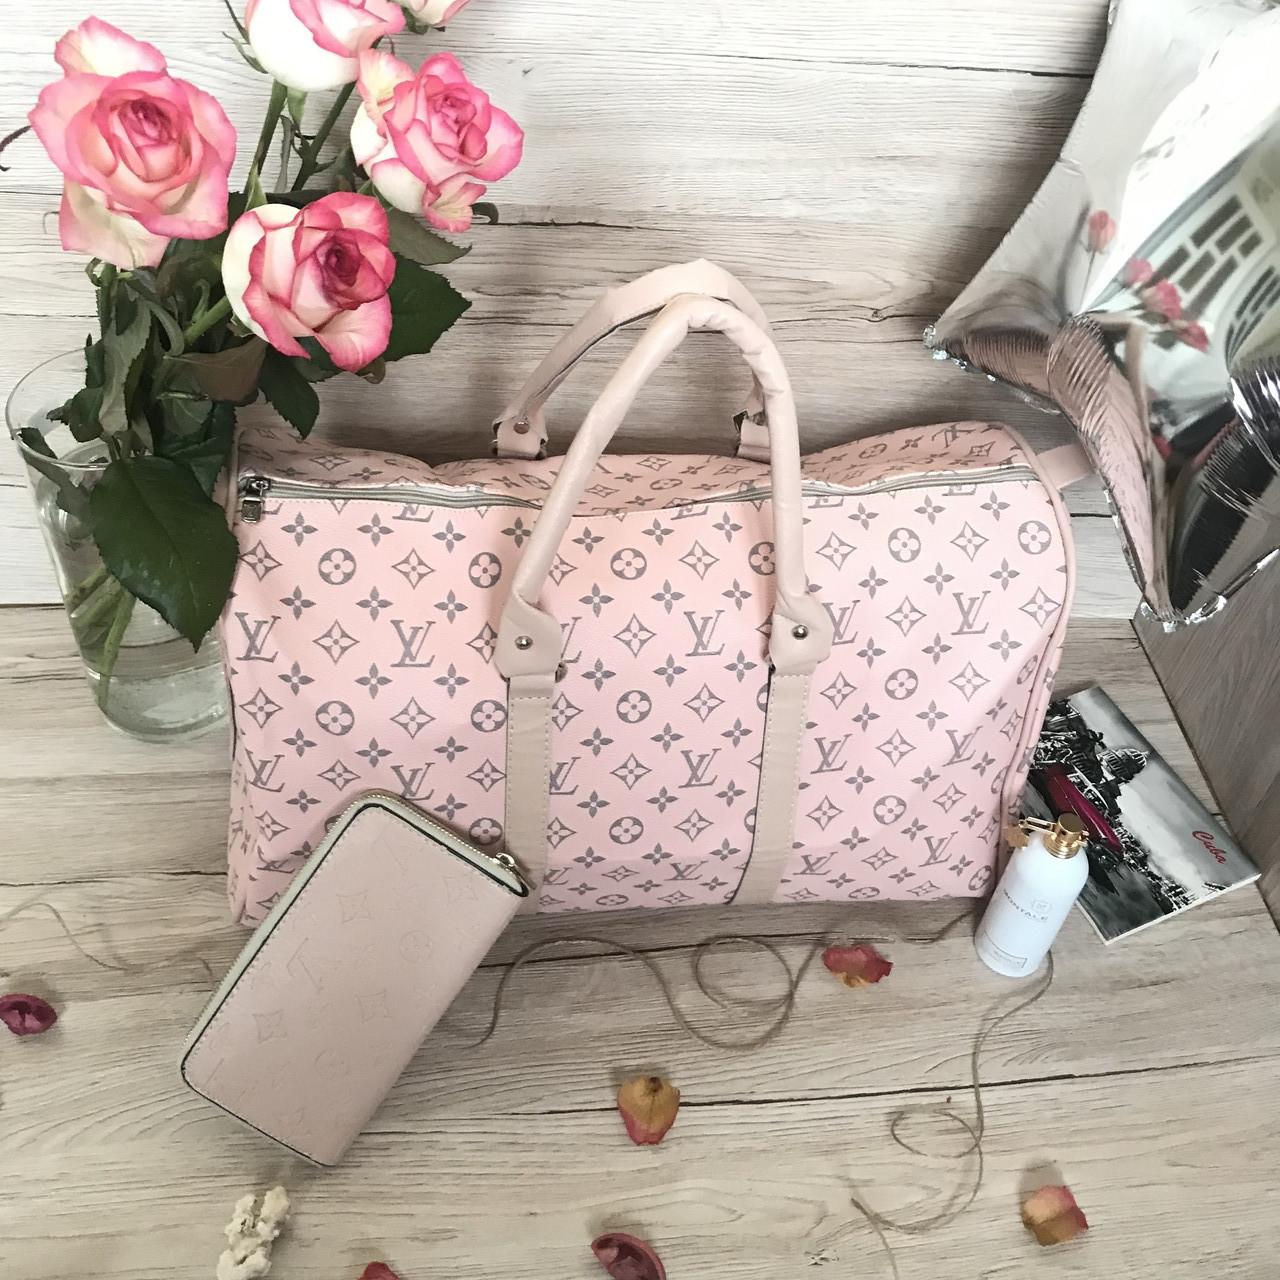 Сумка дорожная Louis Vuitton LV 50 см pink (реплика) ручная кладь